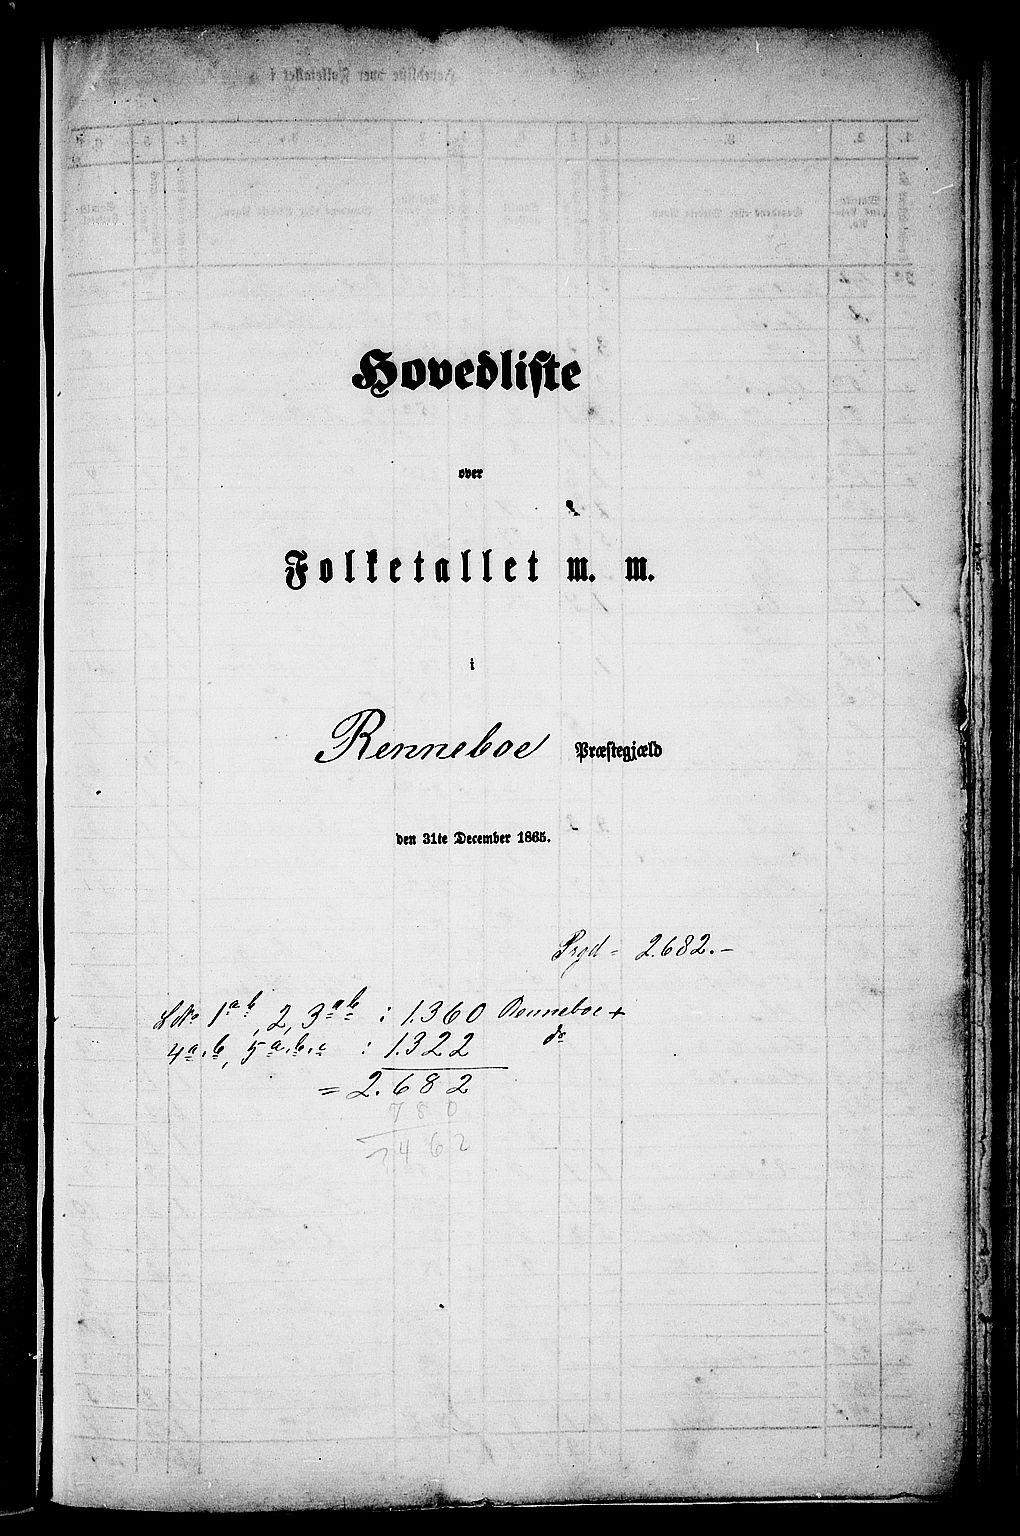 RA, Folketelling 1865 for 1635P Rennebu prestegjeld, 1865, s. 1